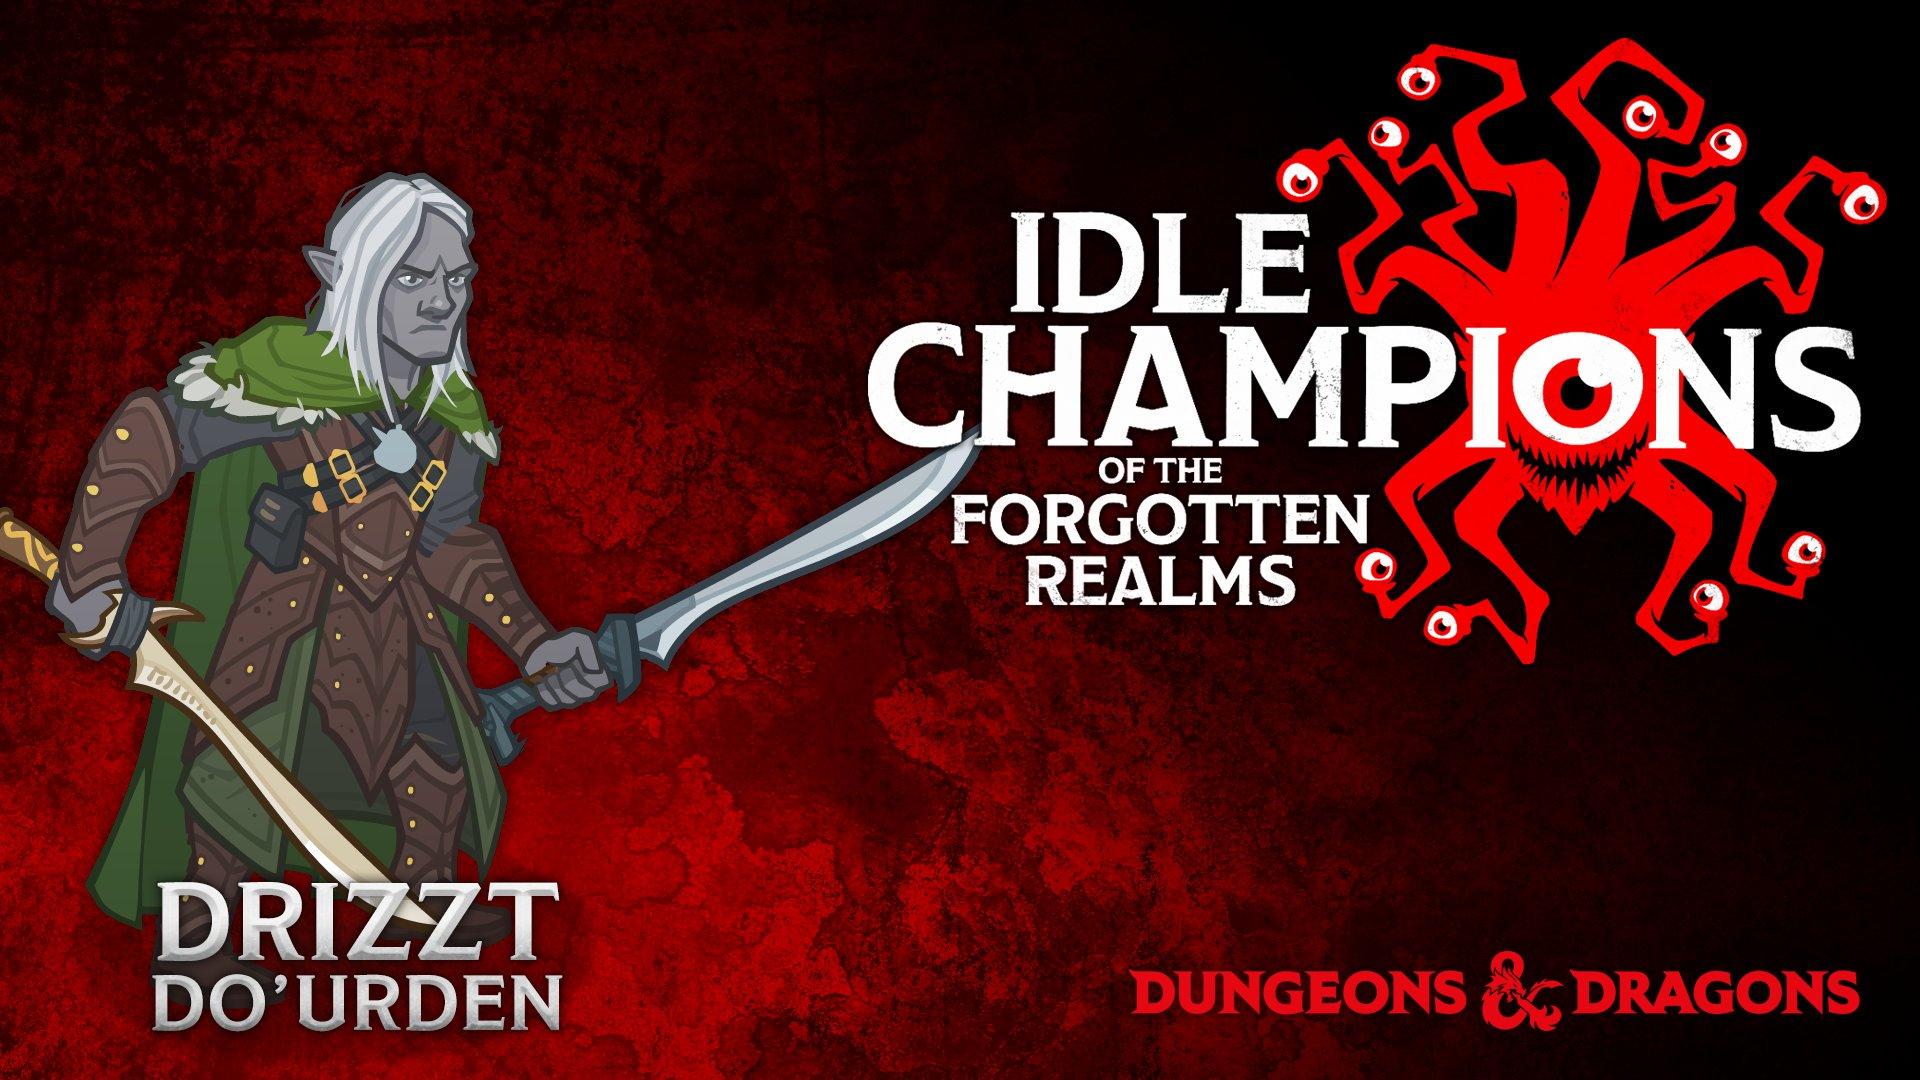 Drizzt, as a cartoon idle champion.